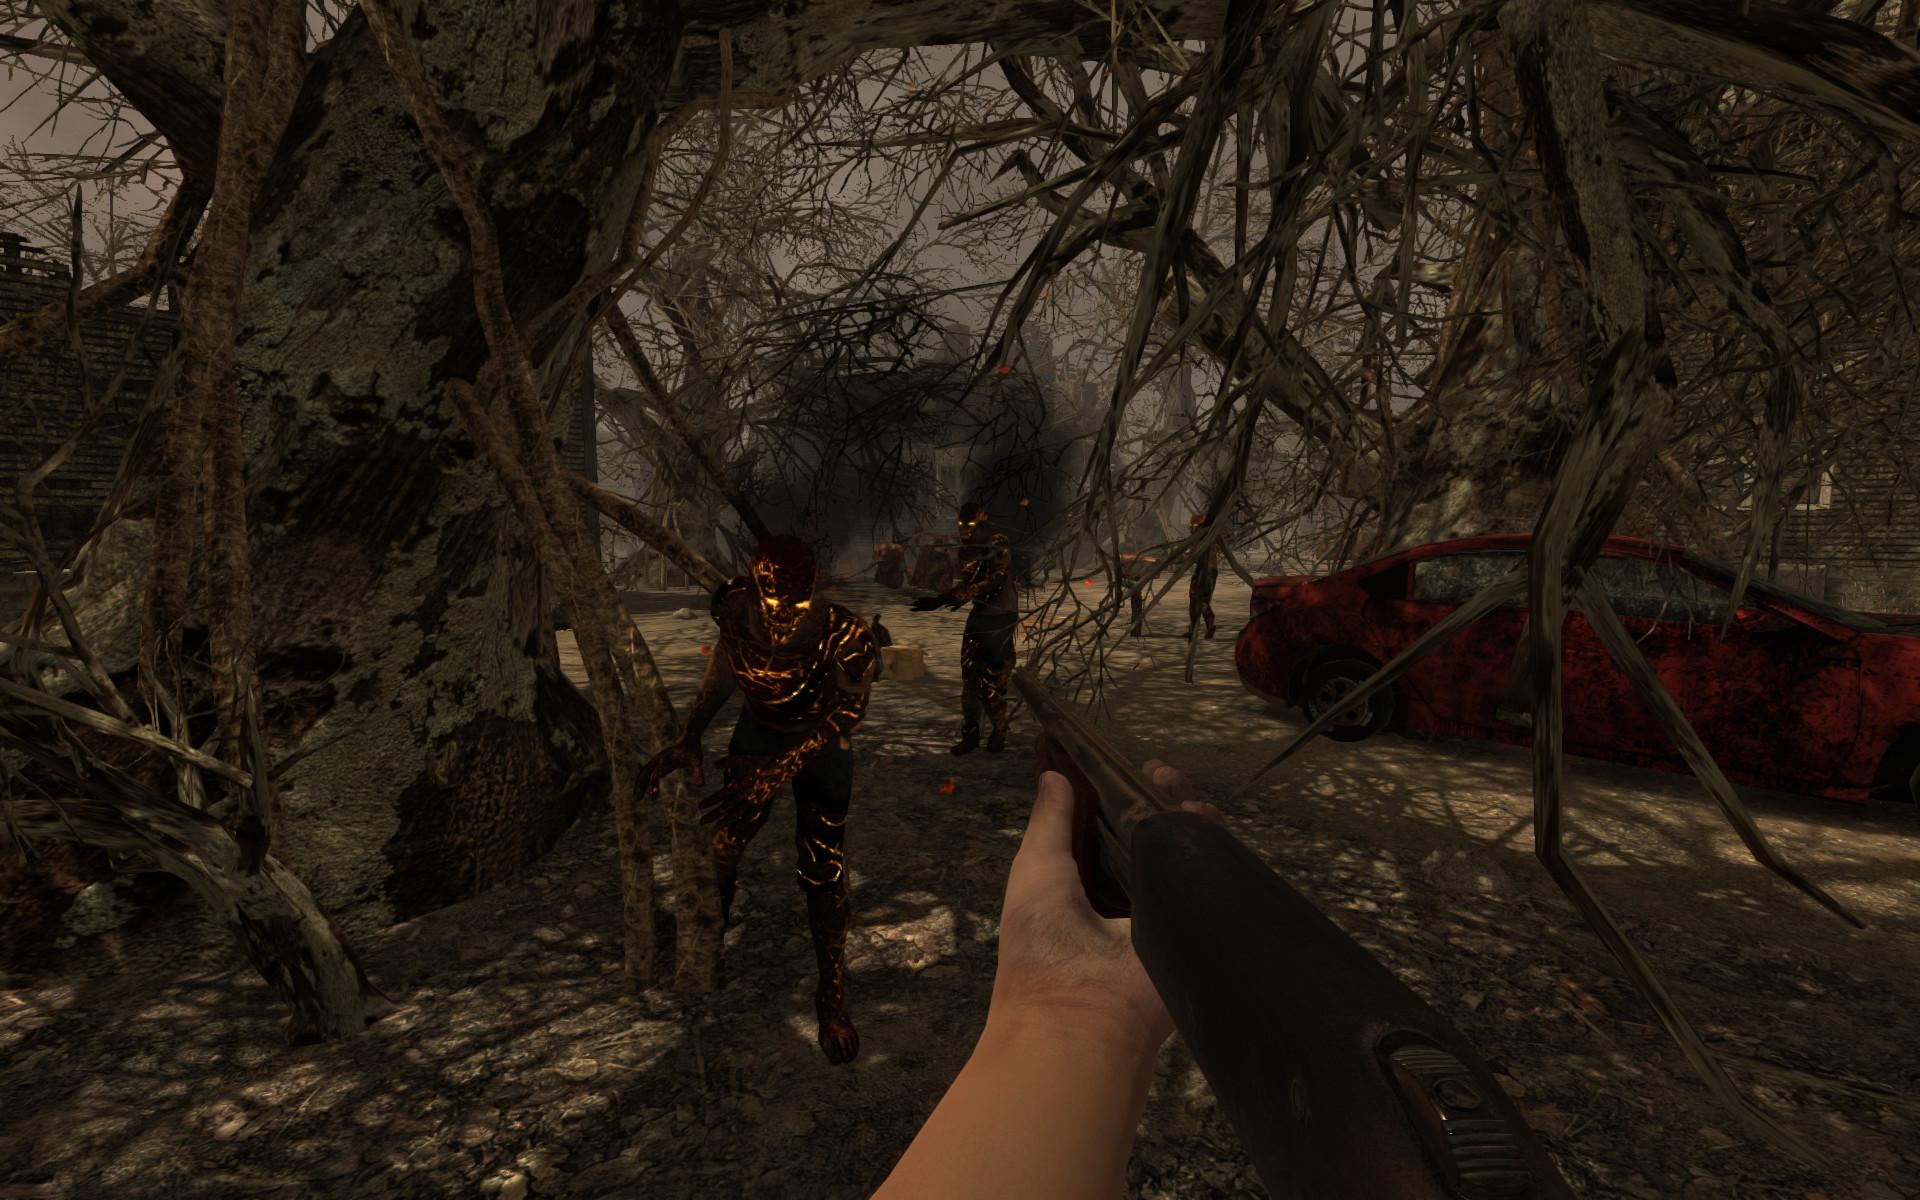 Alpha_11_burnt_forest_02